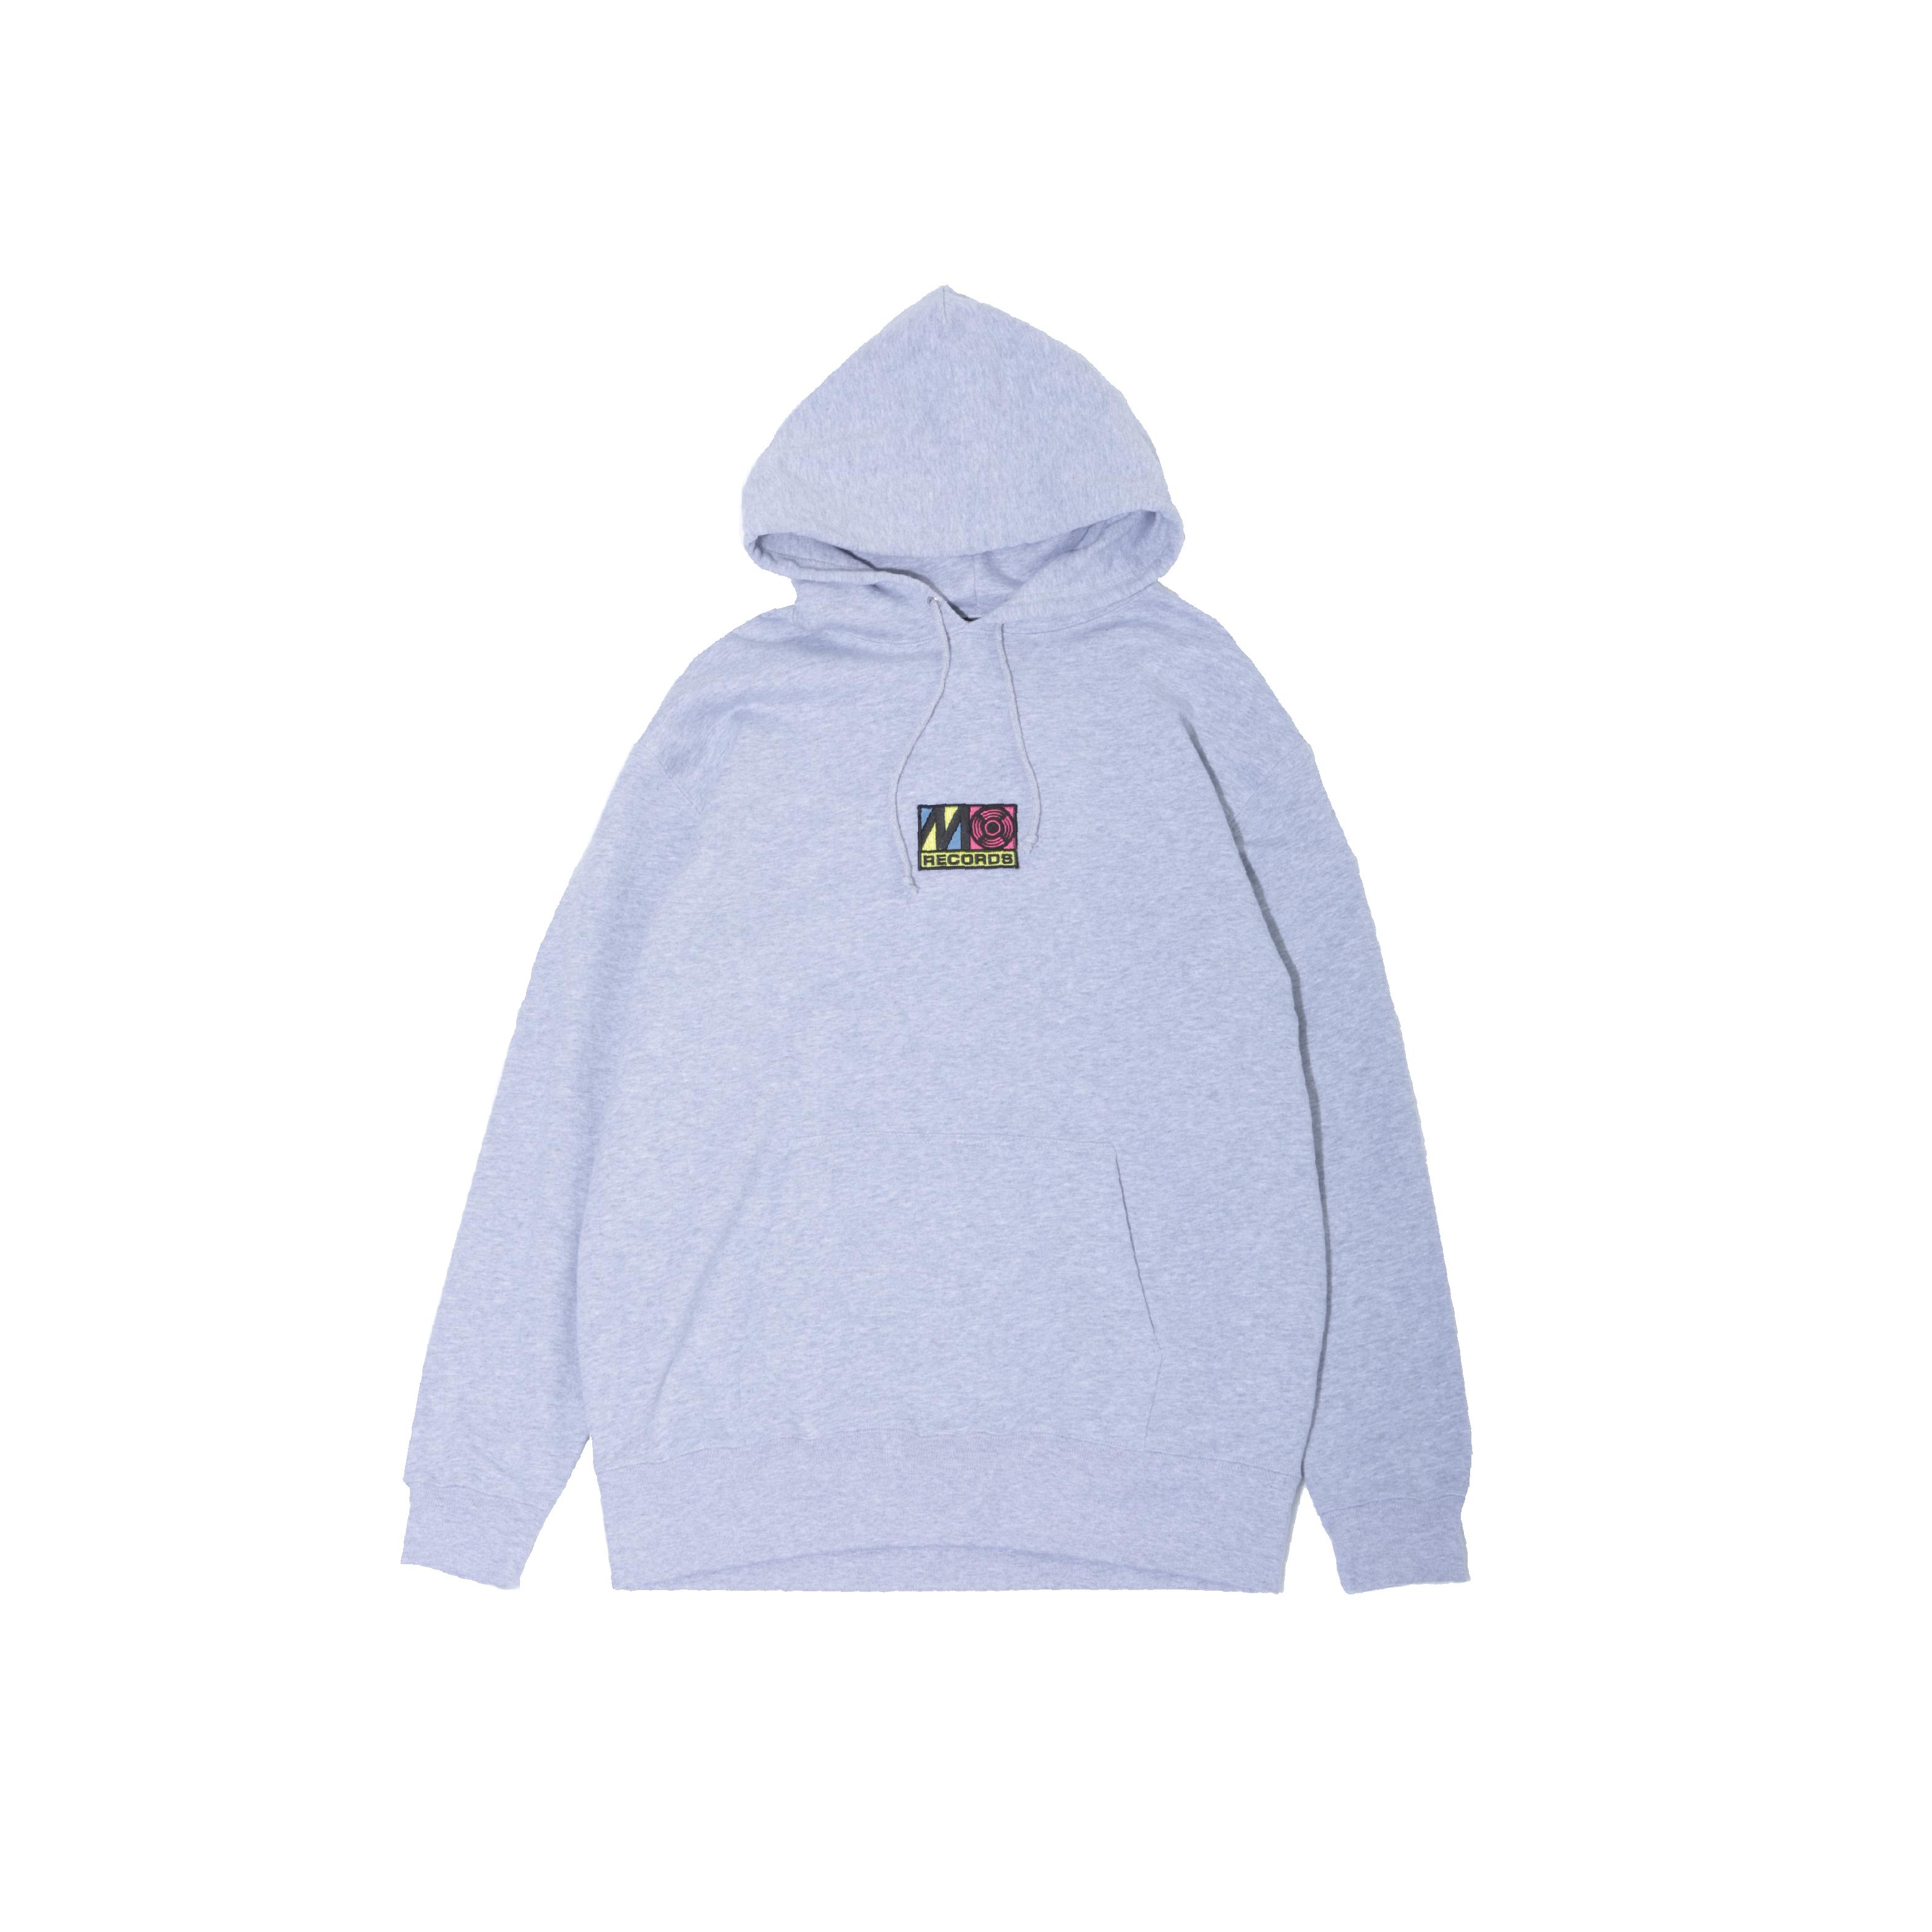 BLUE FILM hoodie - 画像3